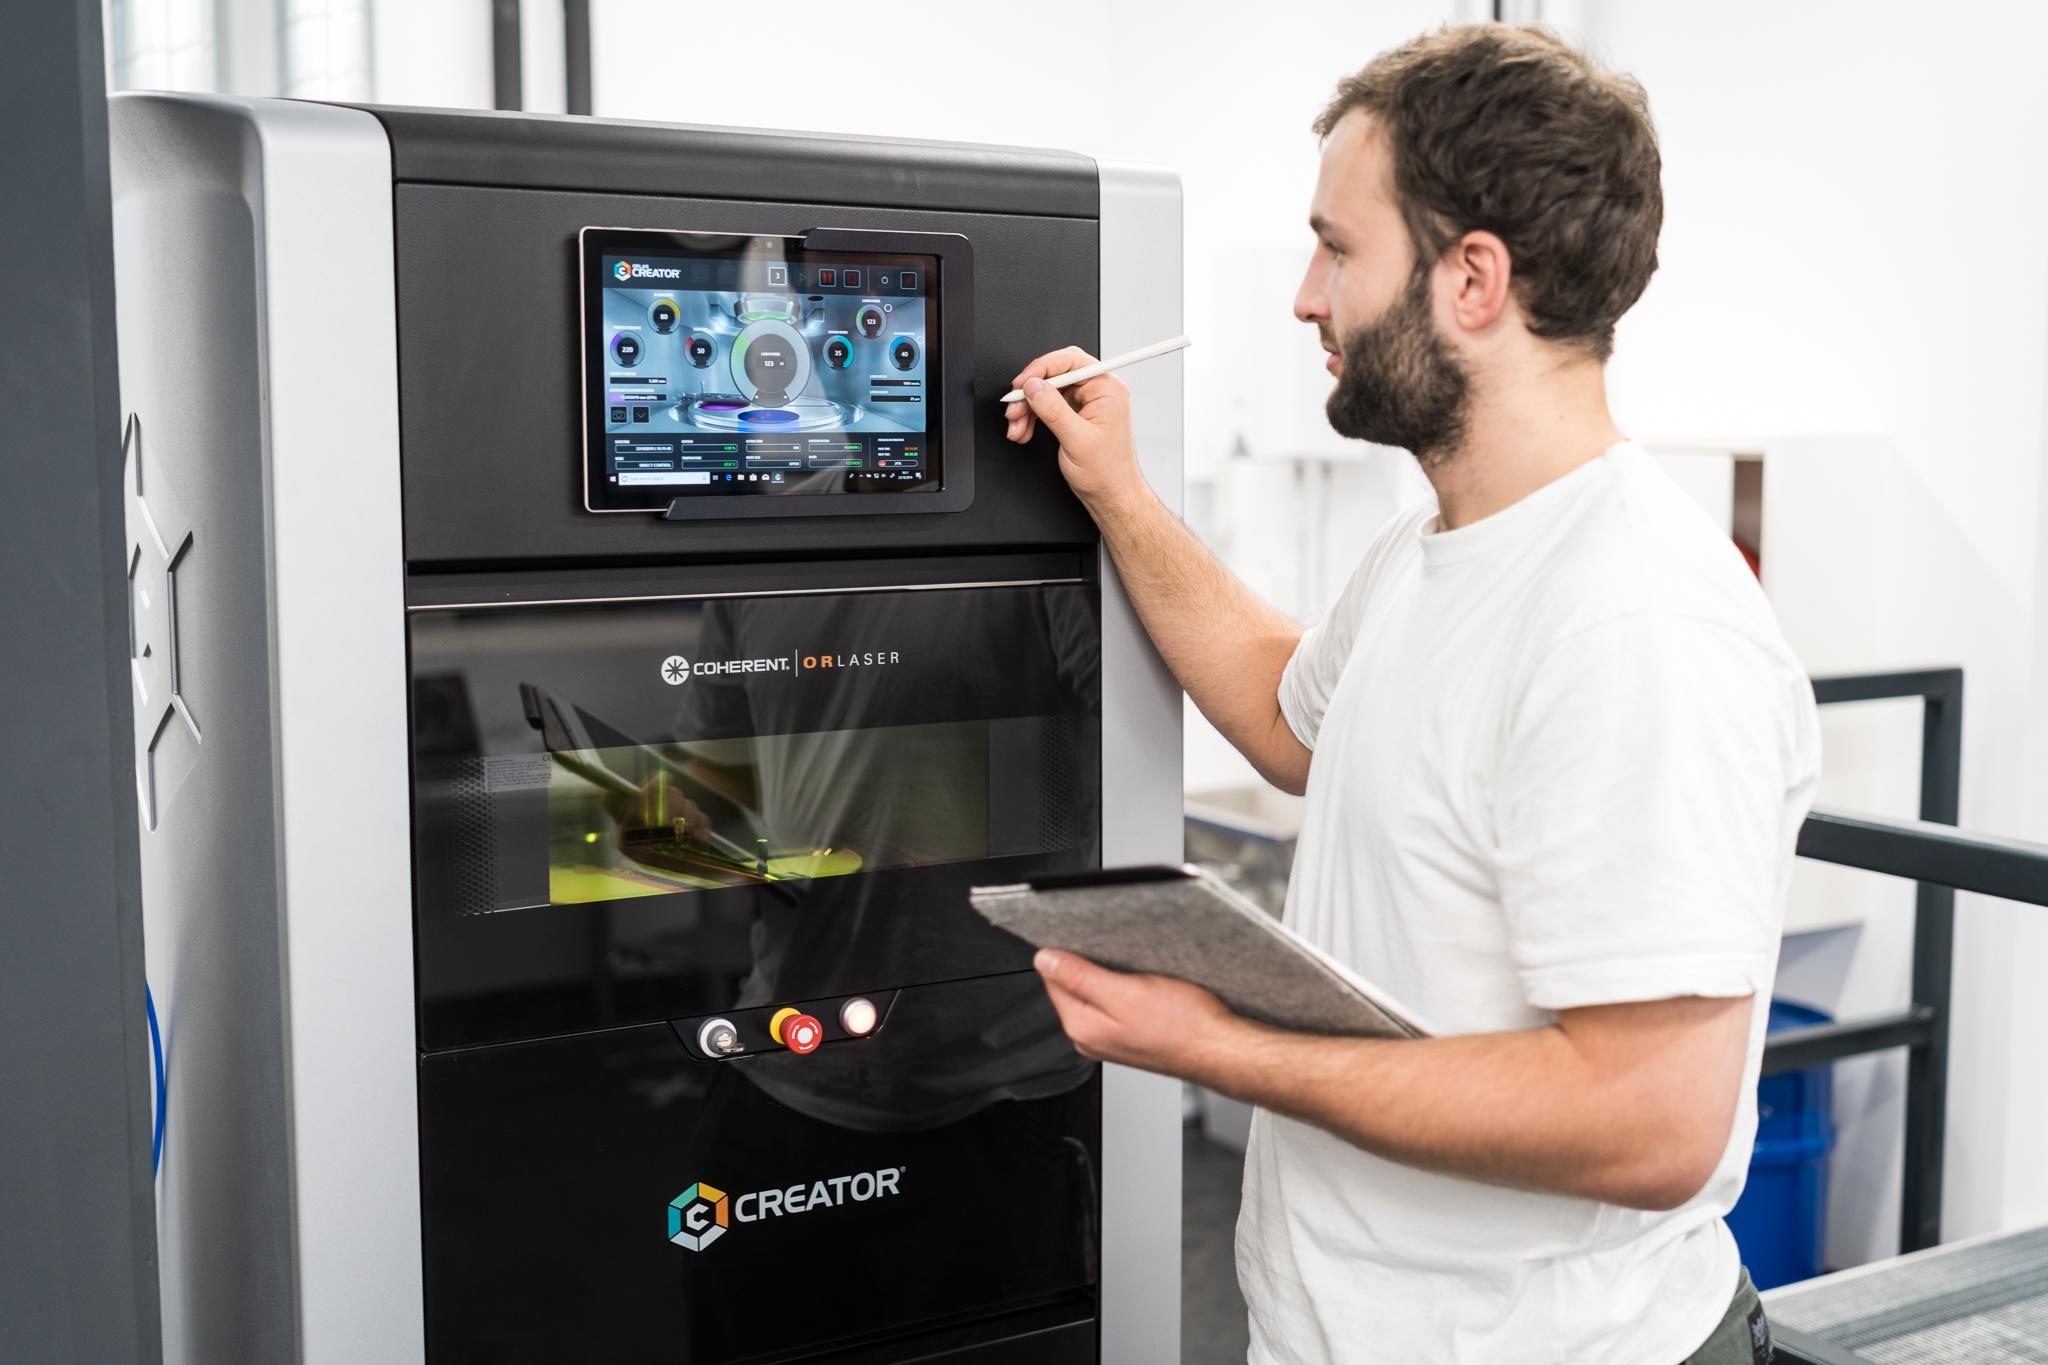 Im Rahmen seiner Dissertation am Institut für Werkstoffkunde, Fügetechnik und Umformtechnik der TU Graz forscht Siegfried Arneitz an alternativen Magnetwerkstoffen aus dem 3D-Druck. © IMAT – TU Graz